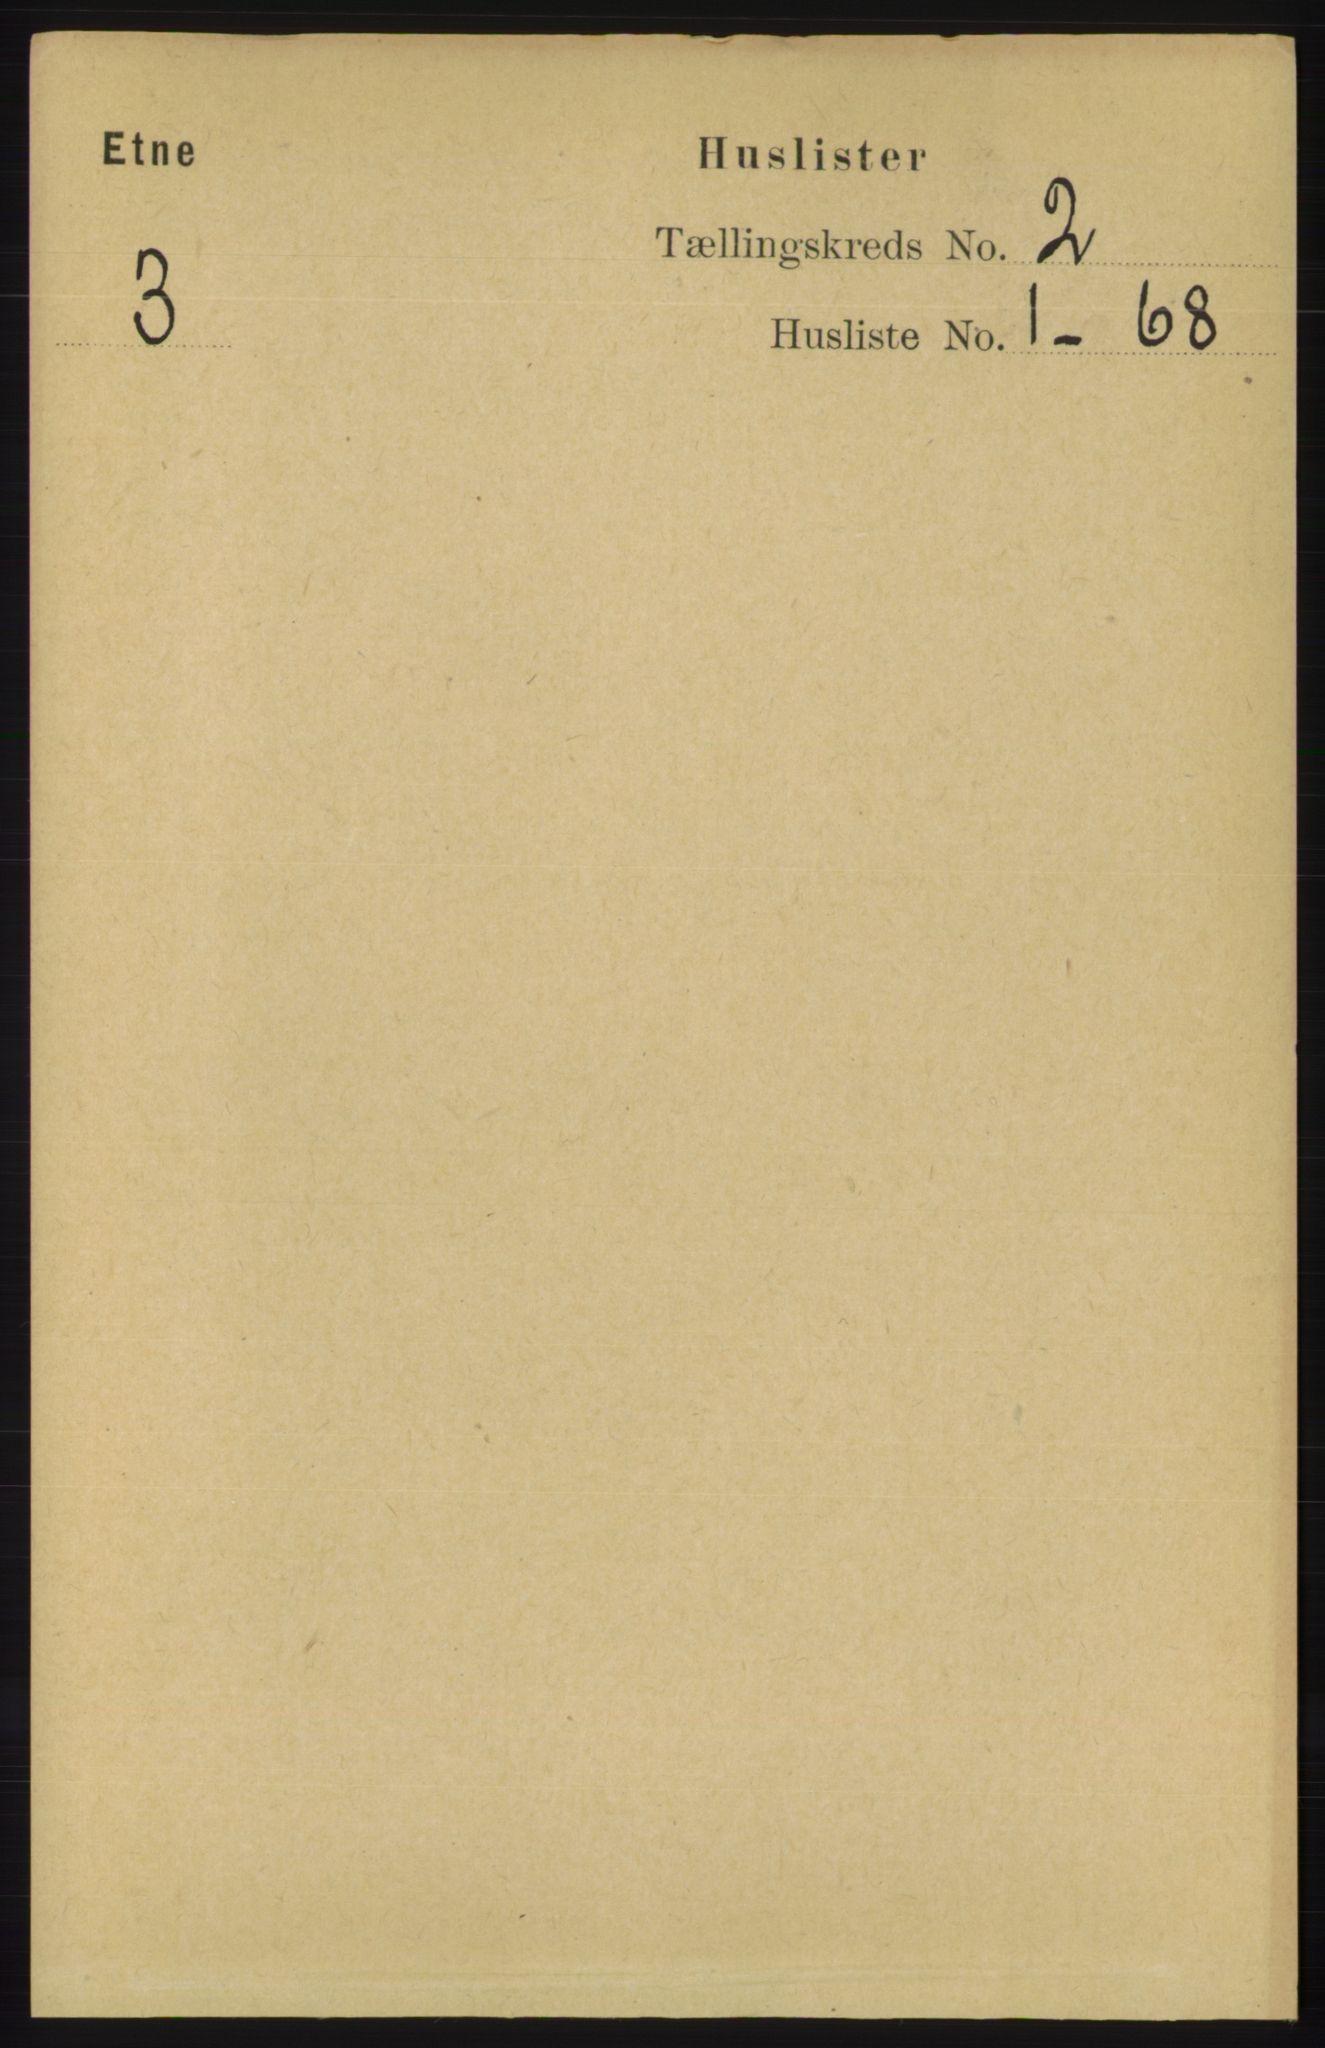 RA, Folketelling 1891 for 1211 Etne herred, 1891, s. 260